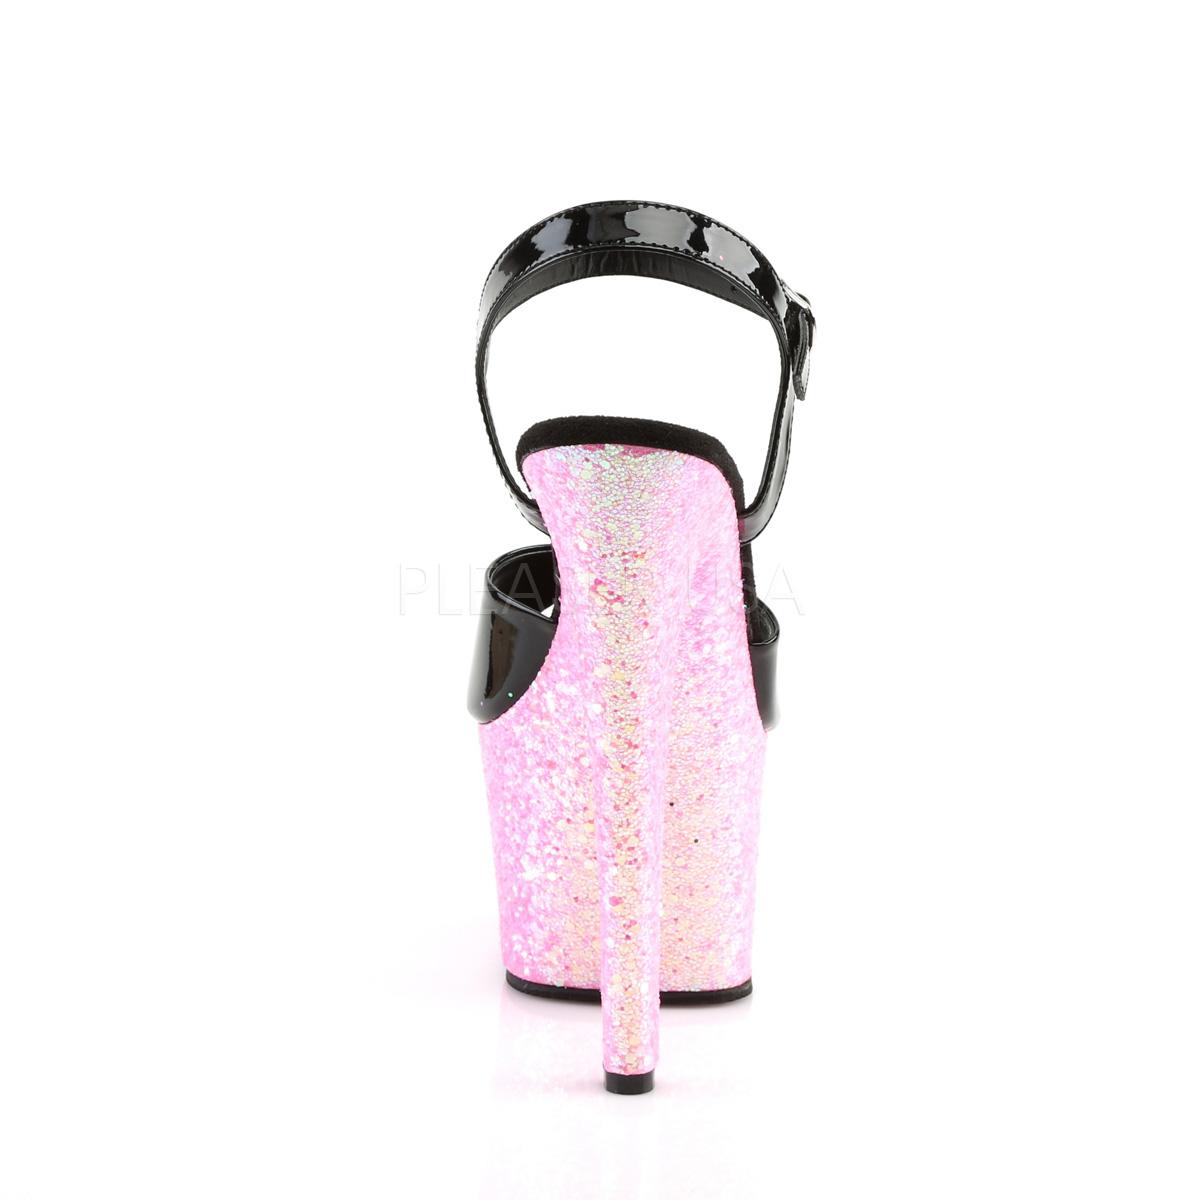 Růžový třpytky 18 cm Pleaser SKY-309LG Boty na podpatku pro tanec na tyči db1f7d4d88